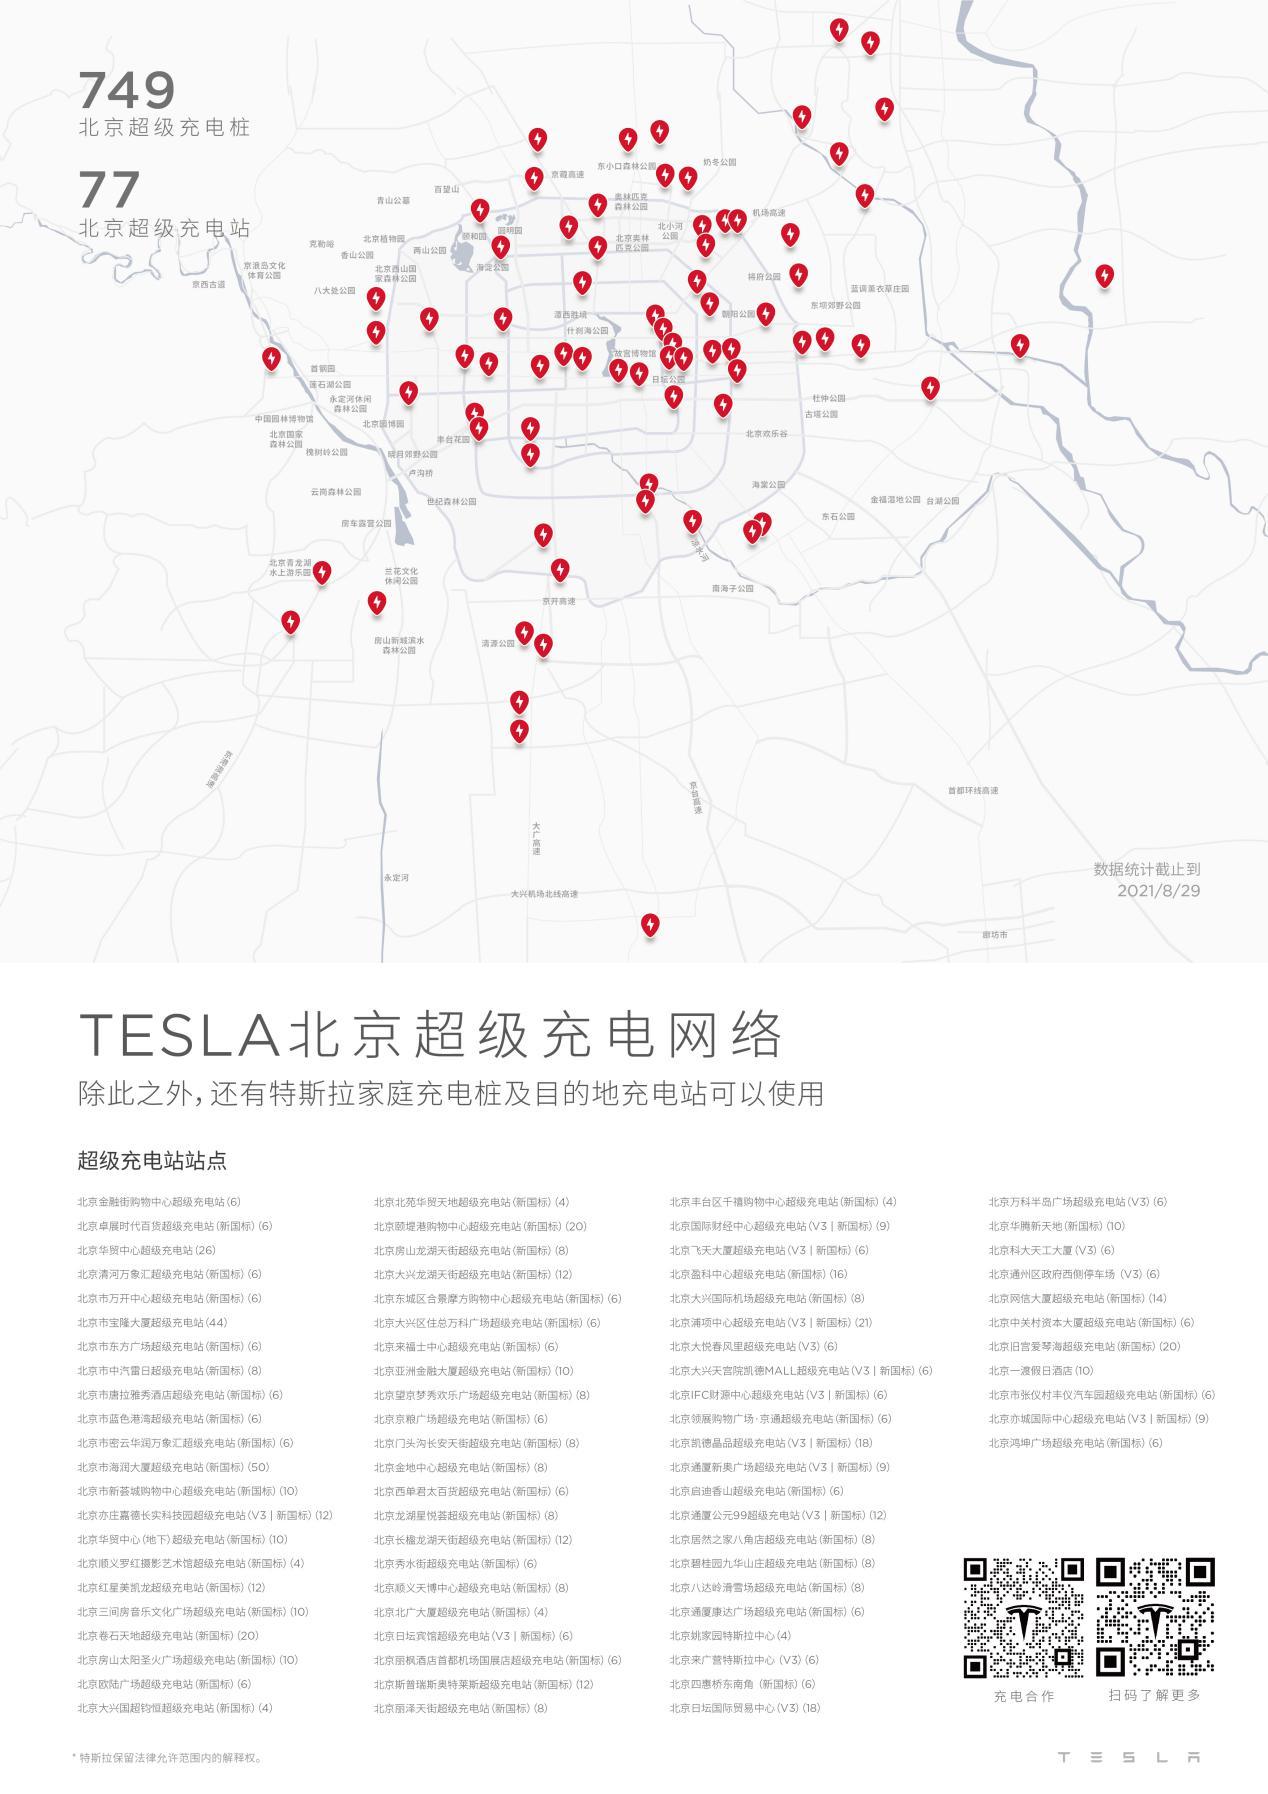 助力新基建跃升,特斯拉北京超级充电站6站同开